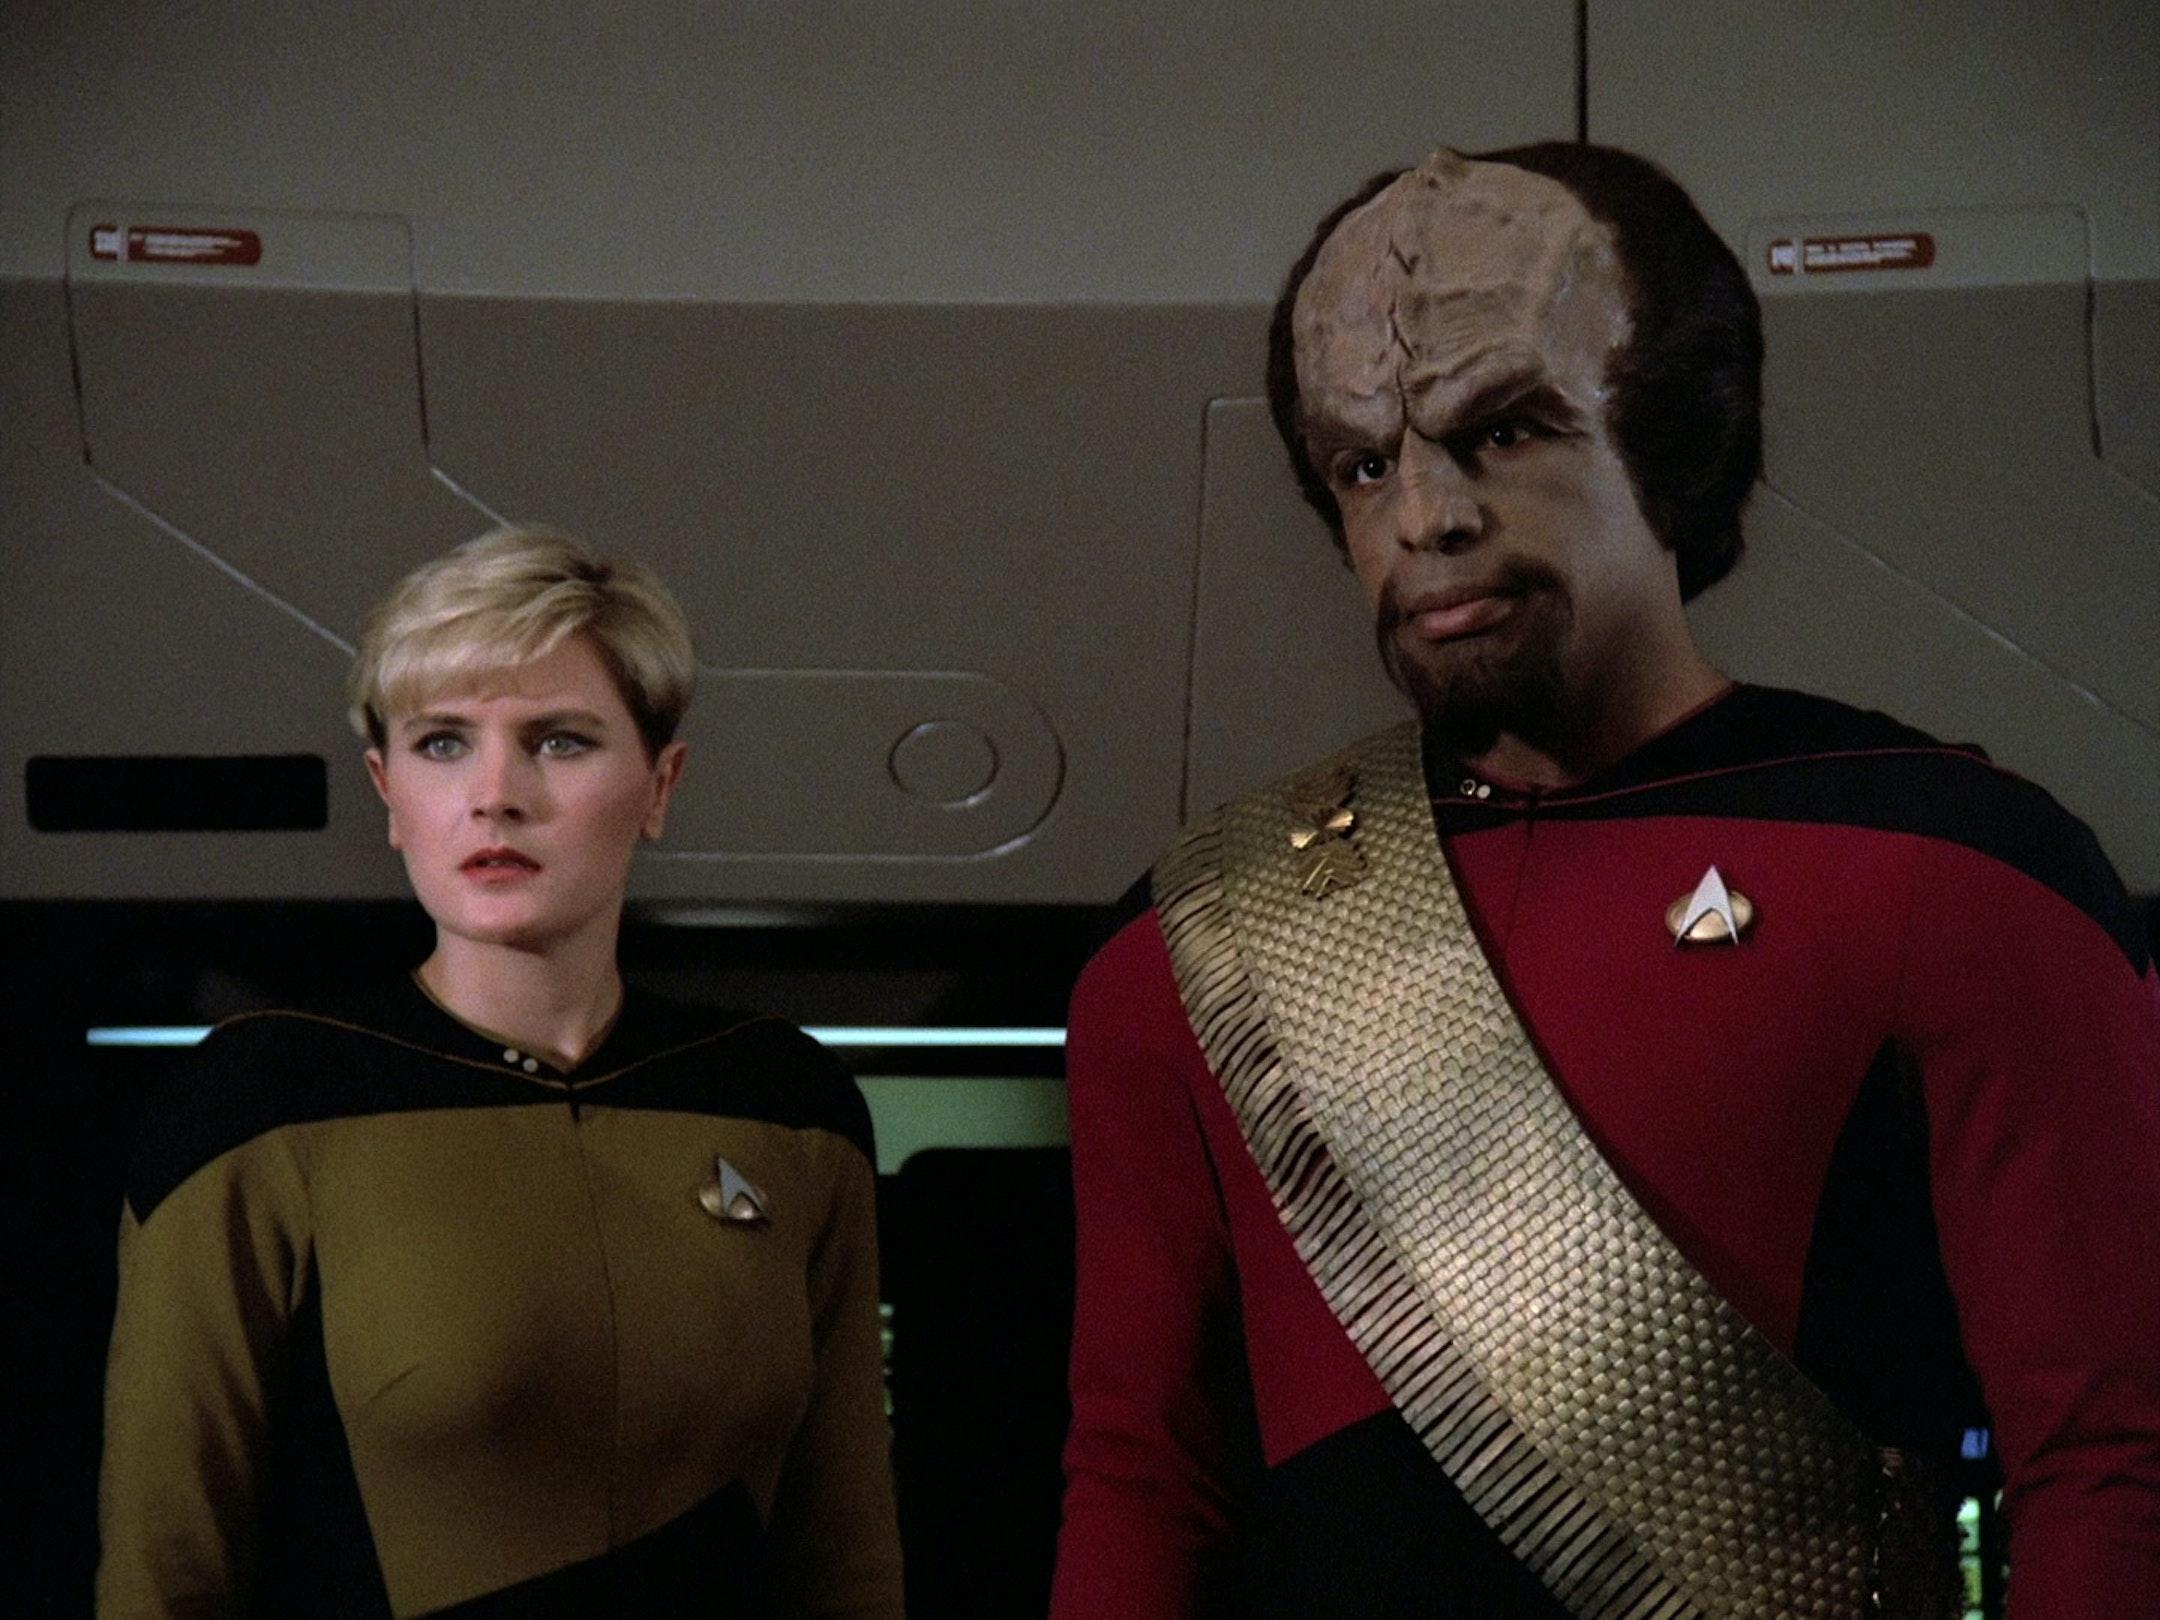 Worf in 'Star Trek: The Next Generation'